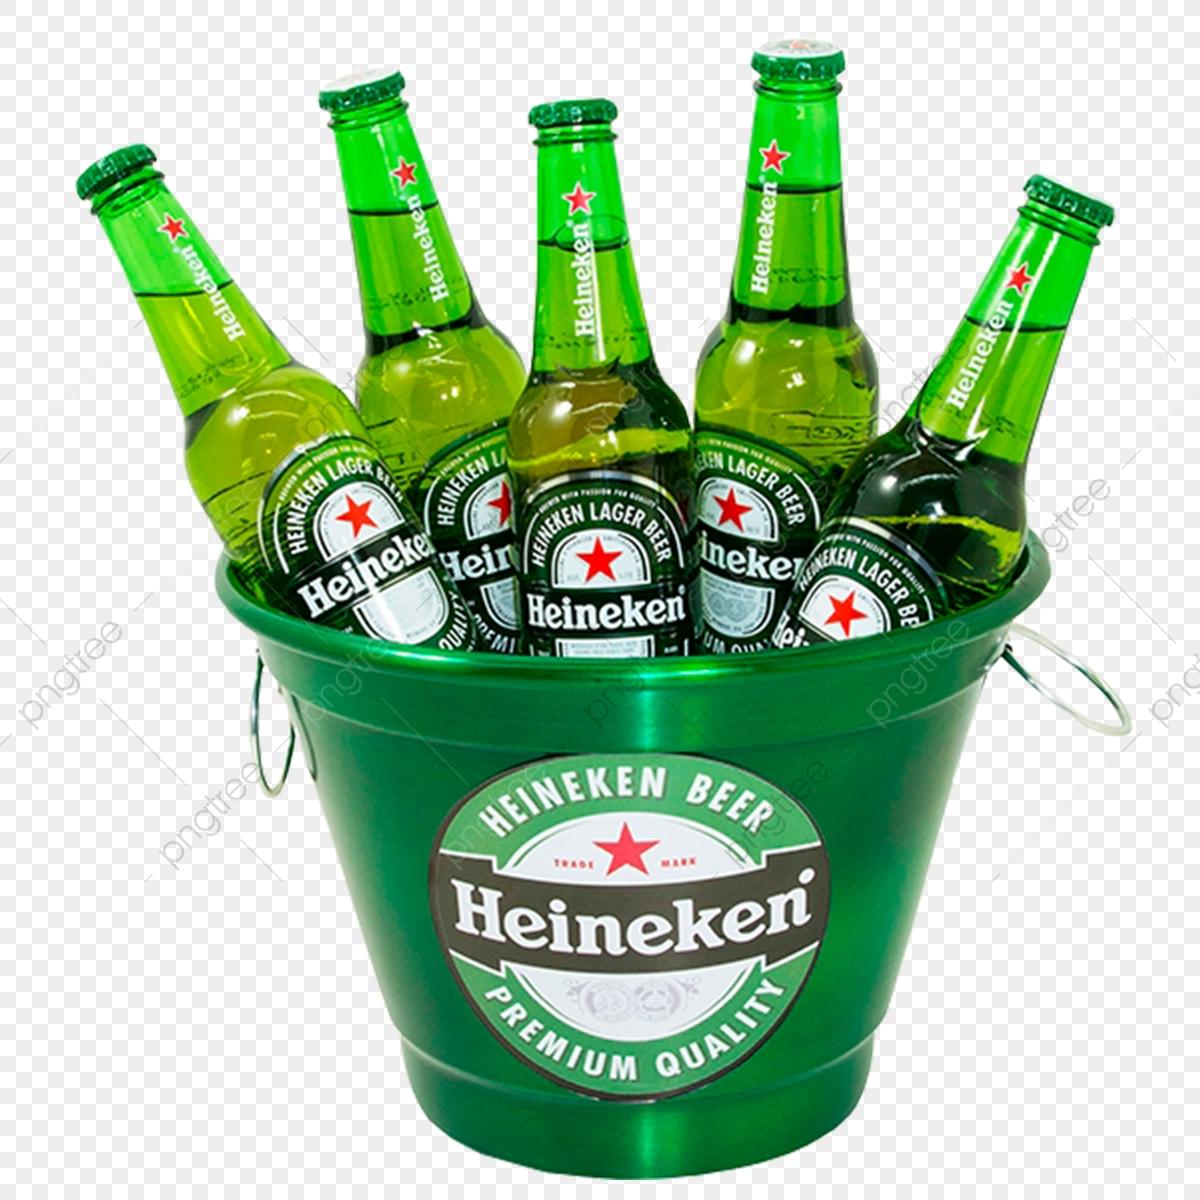 Balde Heineken, Png, Balde, Long Neck PNG Transparent Clipart Image.